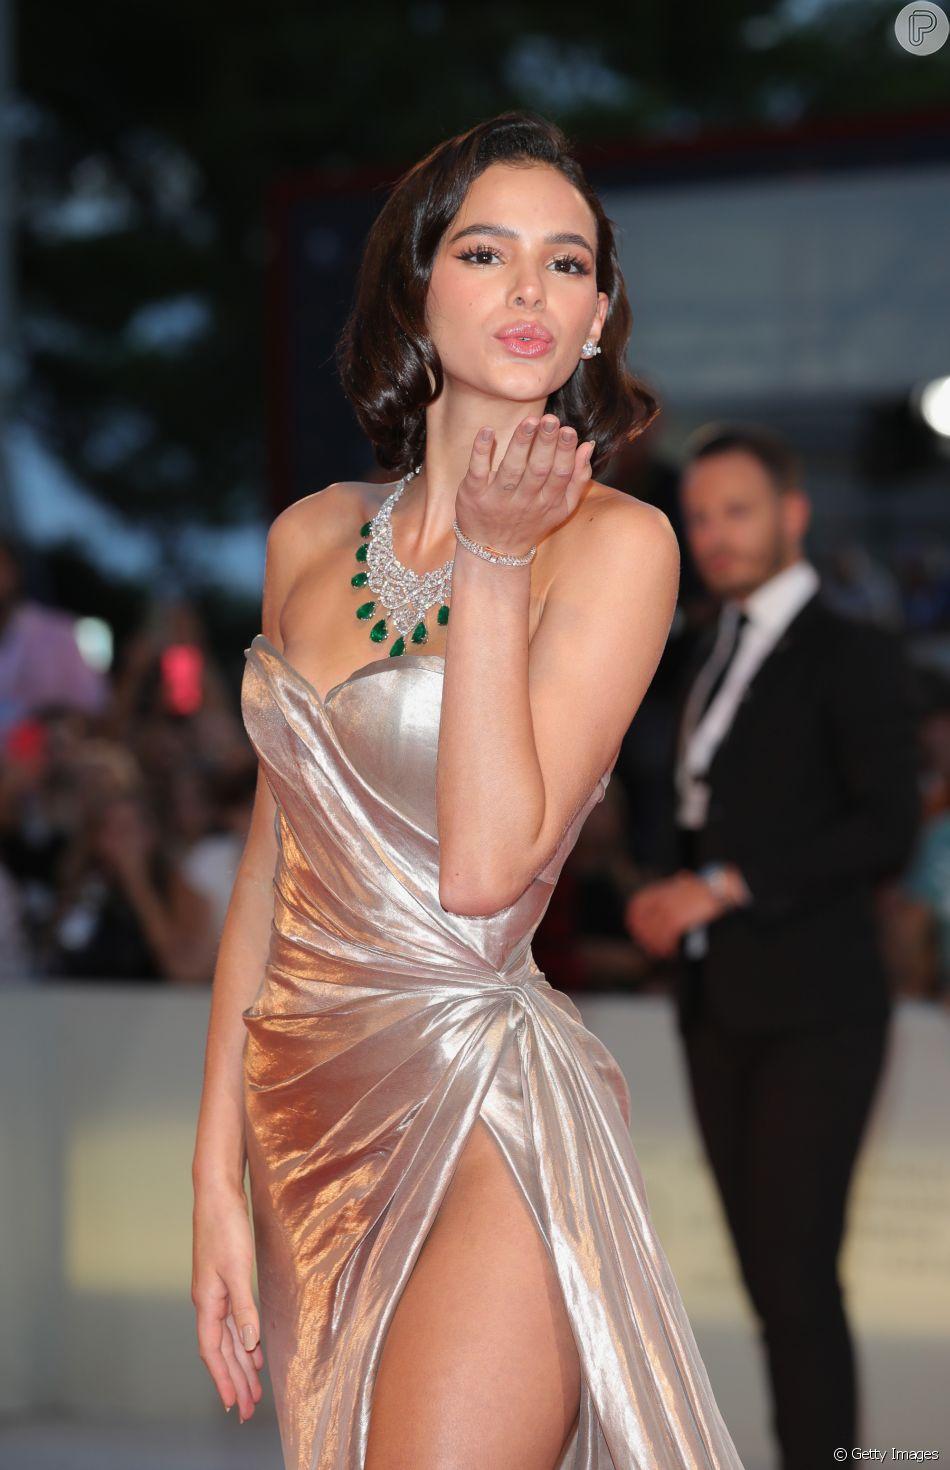 Bruna Marquezine manda um beijinho ao posar no red carpet do Festival de Veneza